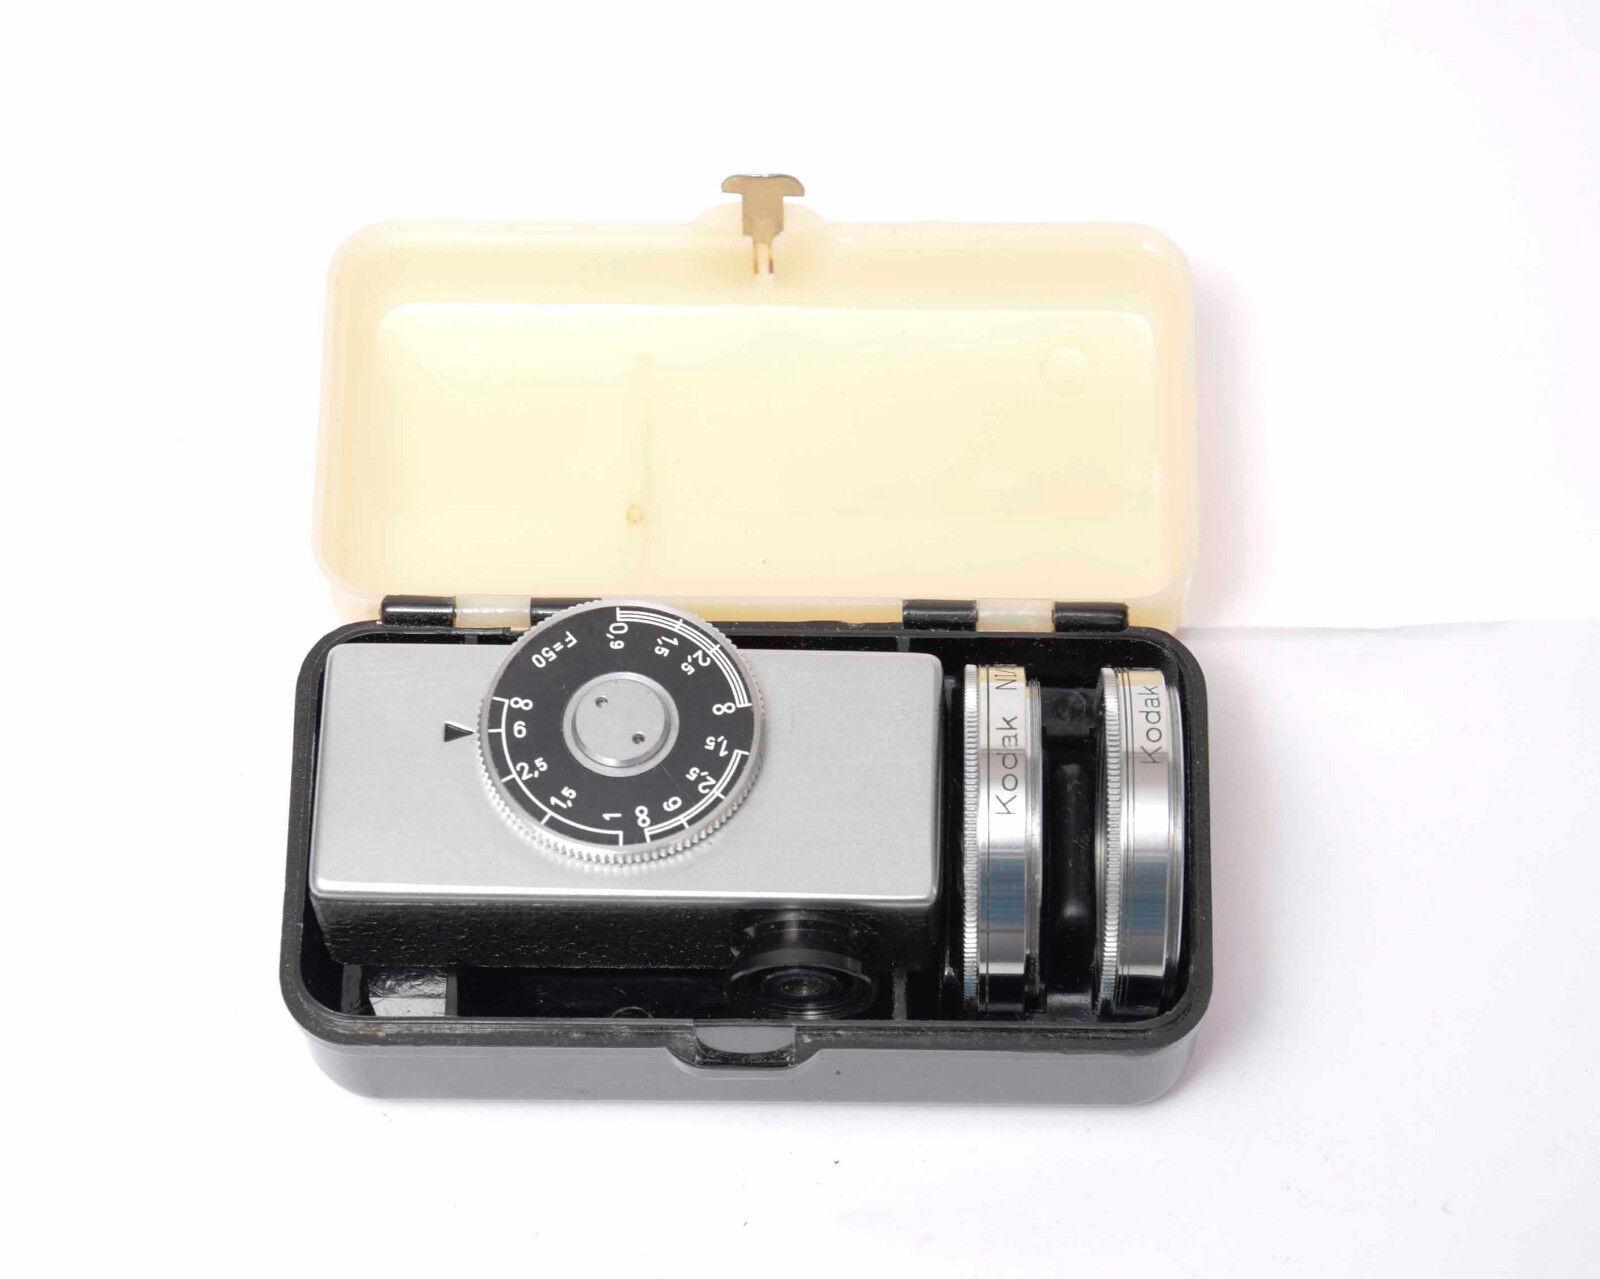 Entfernungsmesser Gebraucht : Люксметр kodak entfernungsmesser rangefinder mit 2 nahlinsen nr